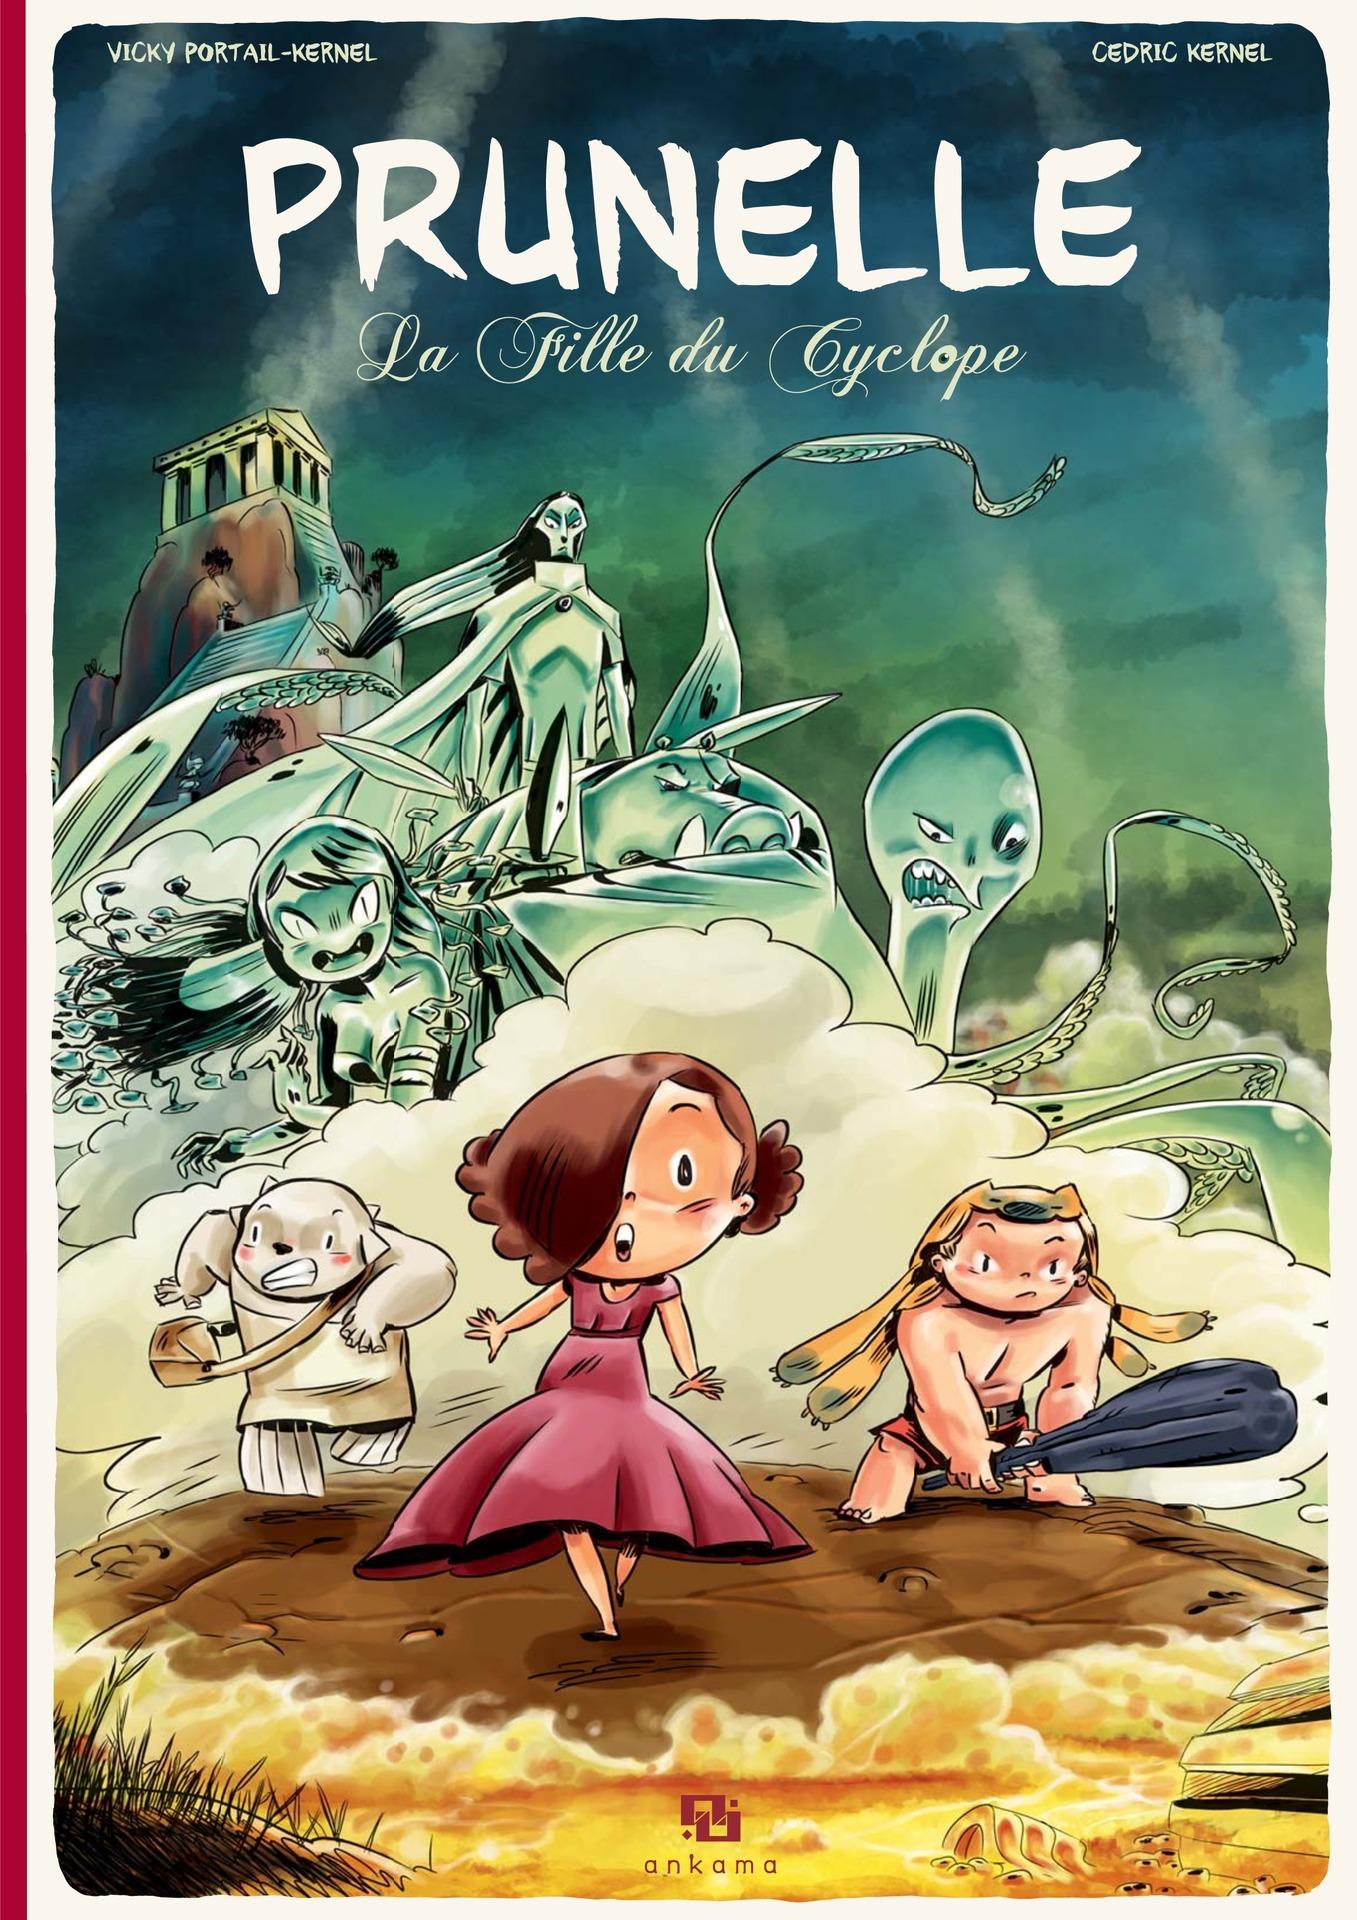 Prunelle - Tome 1 - La Fille du Cyclope | Vicky Portail-Kernel,